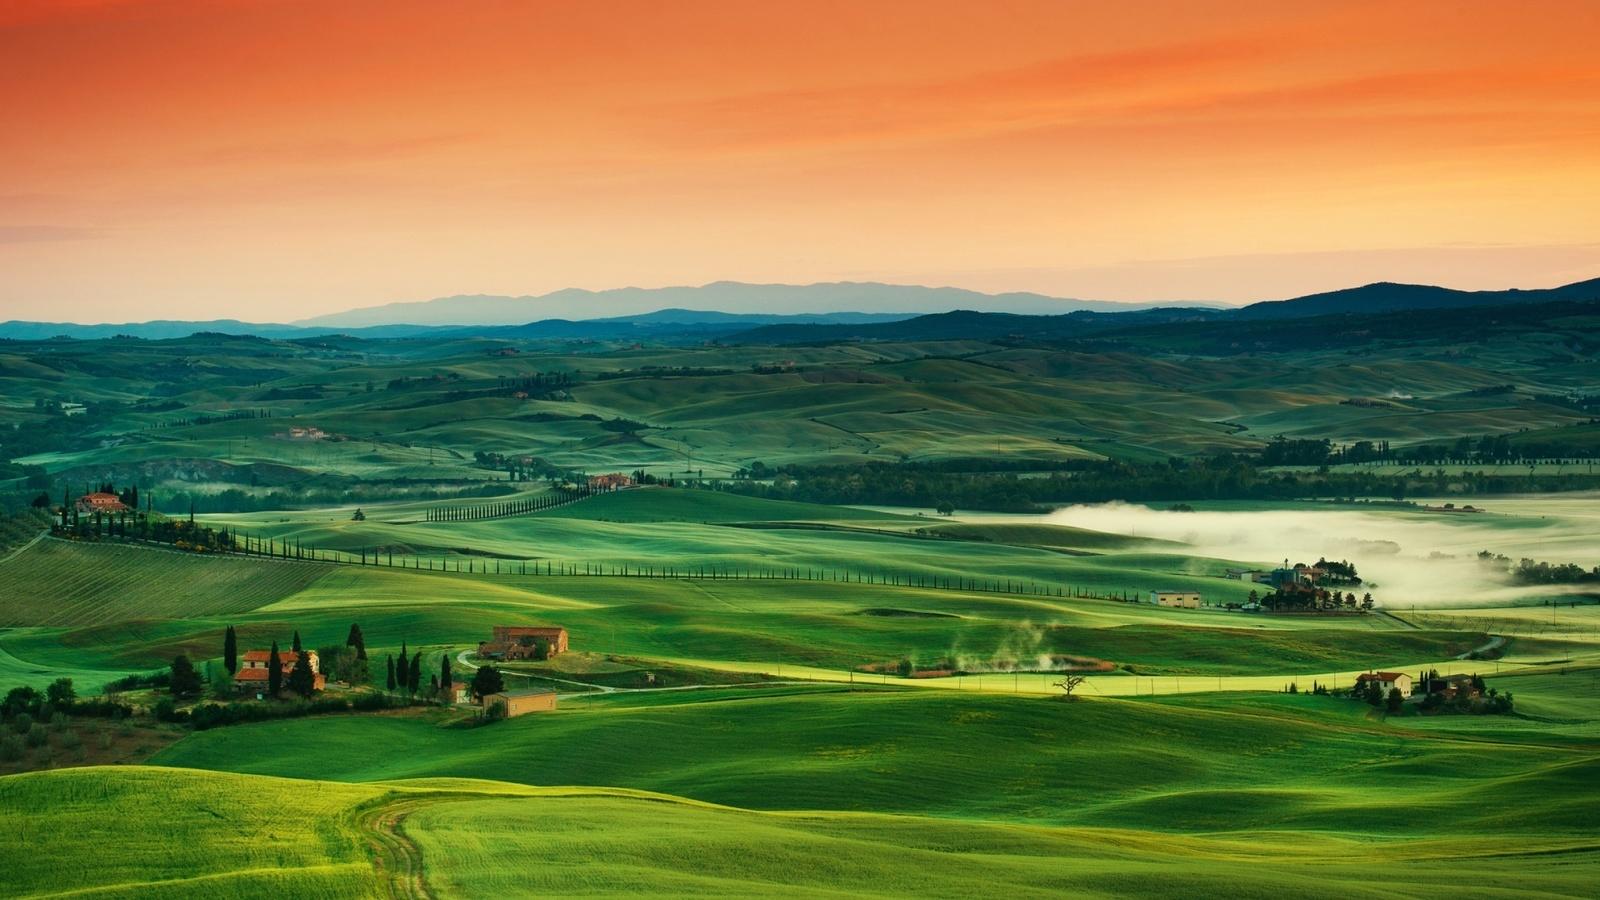 tuscany, italy, orenge, green, path, sky